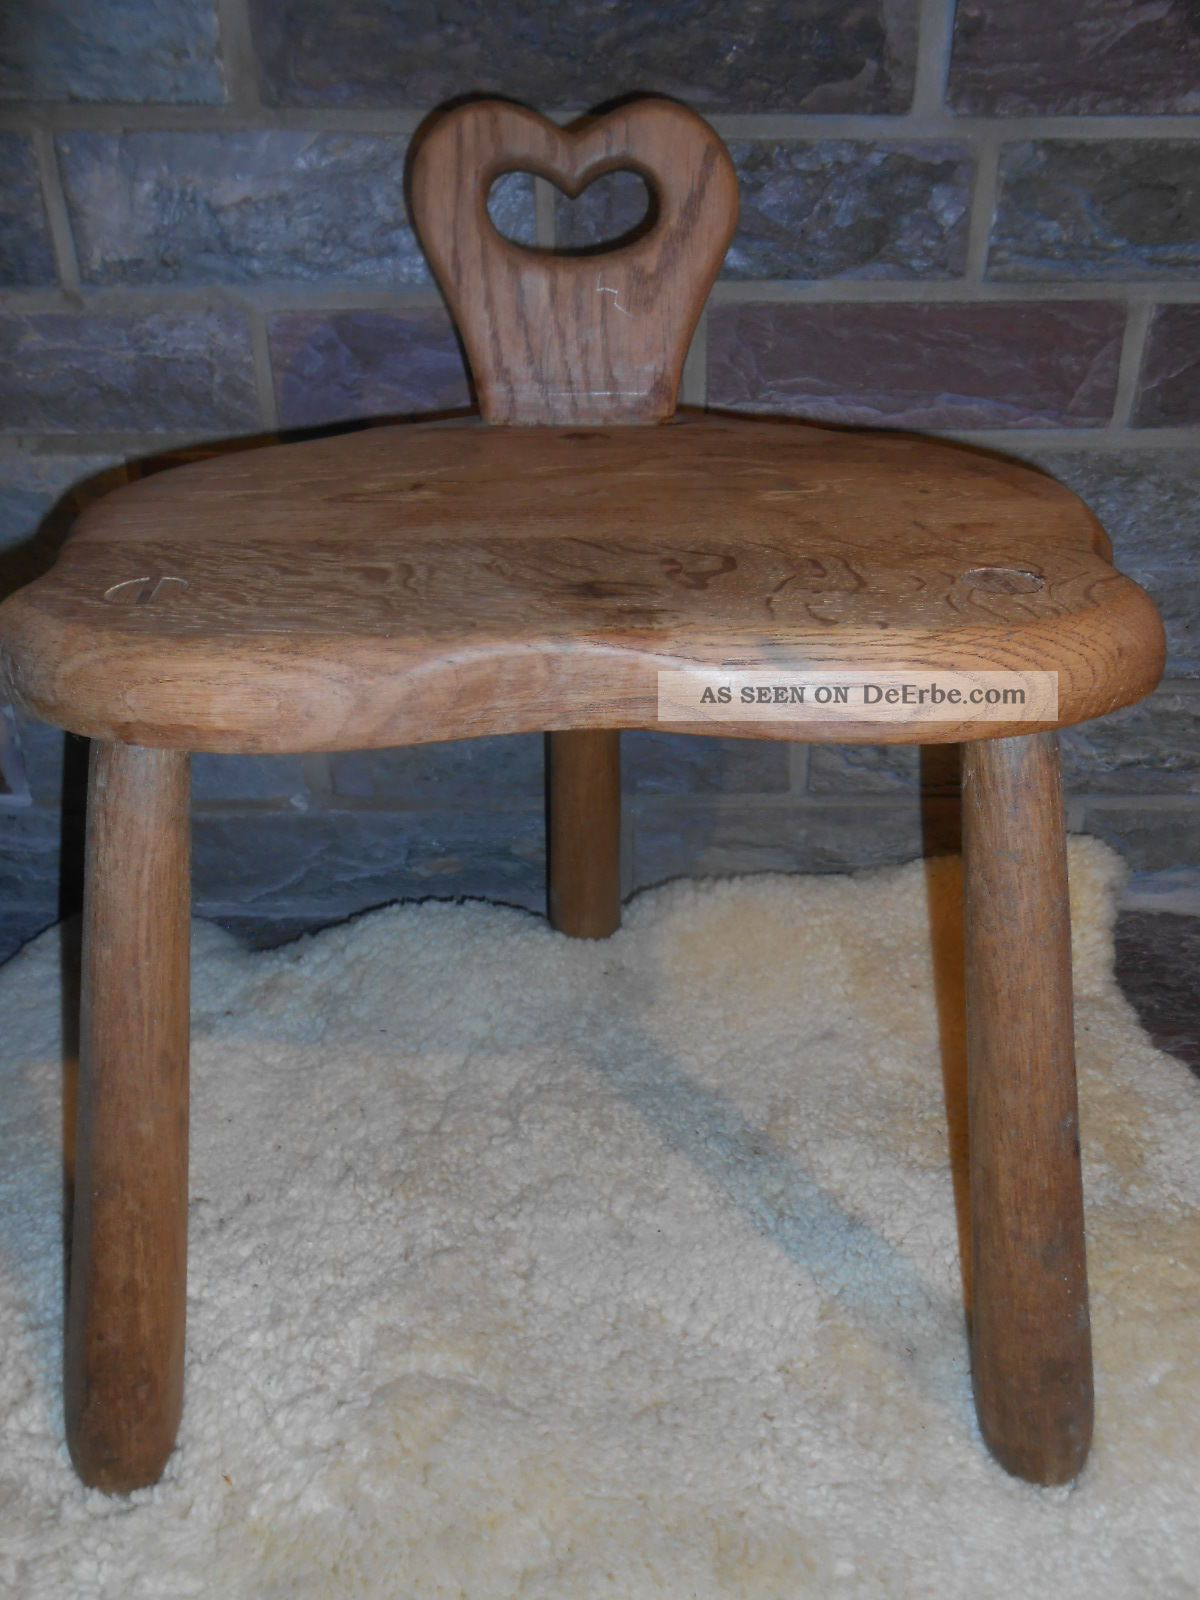 Holz- & Beinarbeiten - Holzarbeiten - Antiquitäten